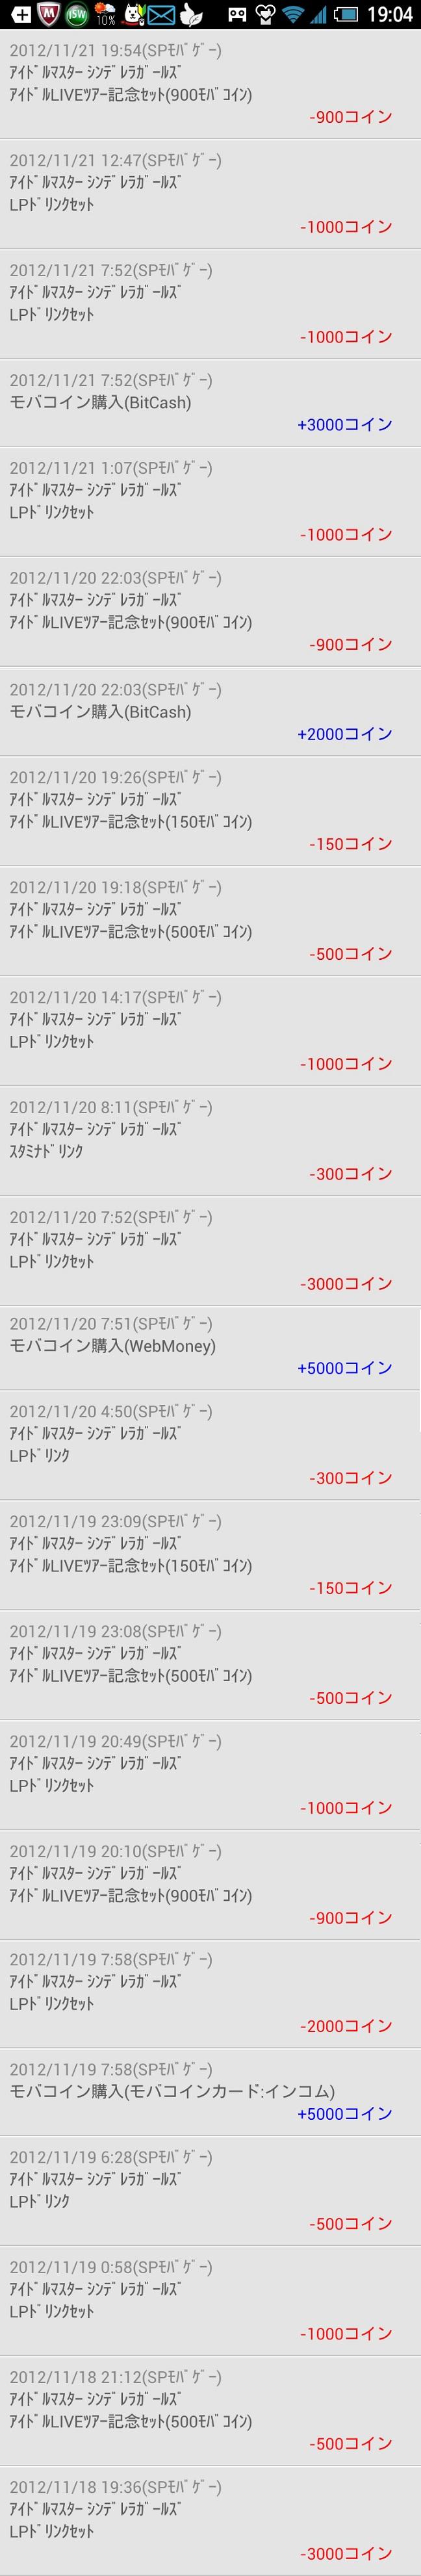 2012-12-29-19-04-14.jpg